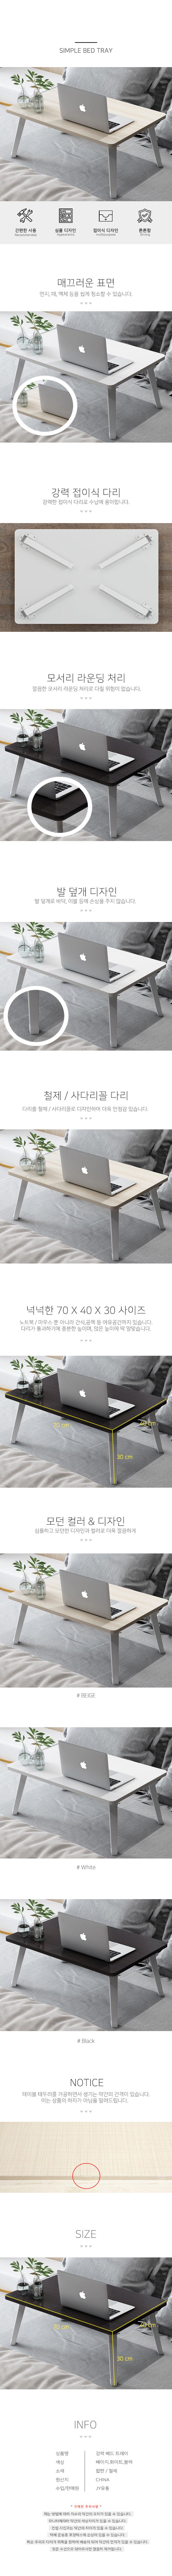 폭좁은테이블 접이식 좌식 미니 테이블 베드트레이 - 제이와이플래닛, 55,800원, 미니 테이블, 미니 테이블